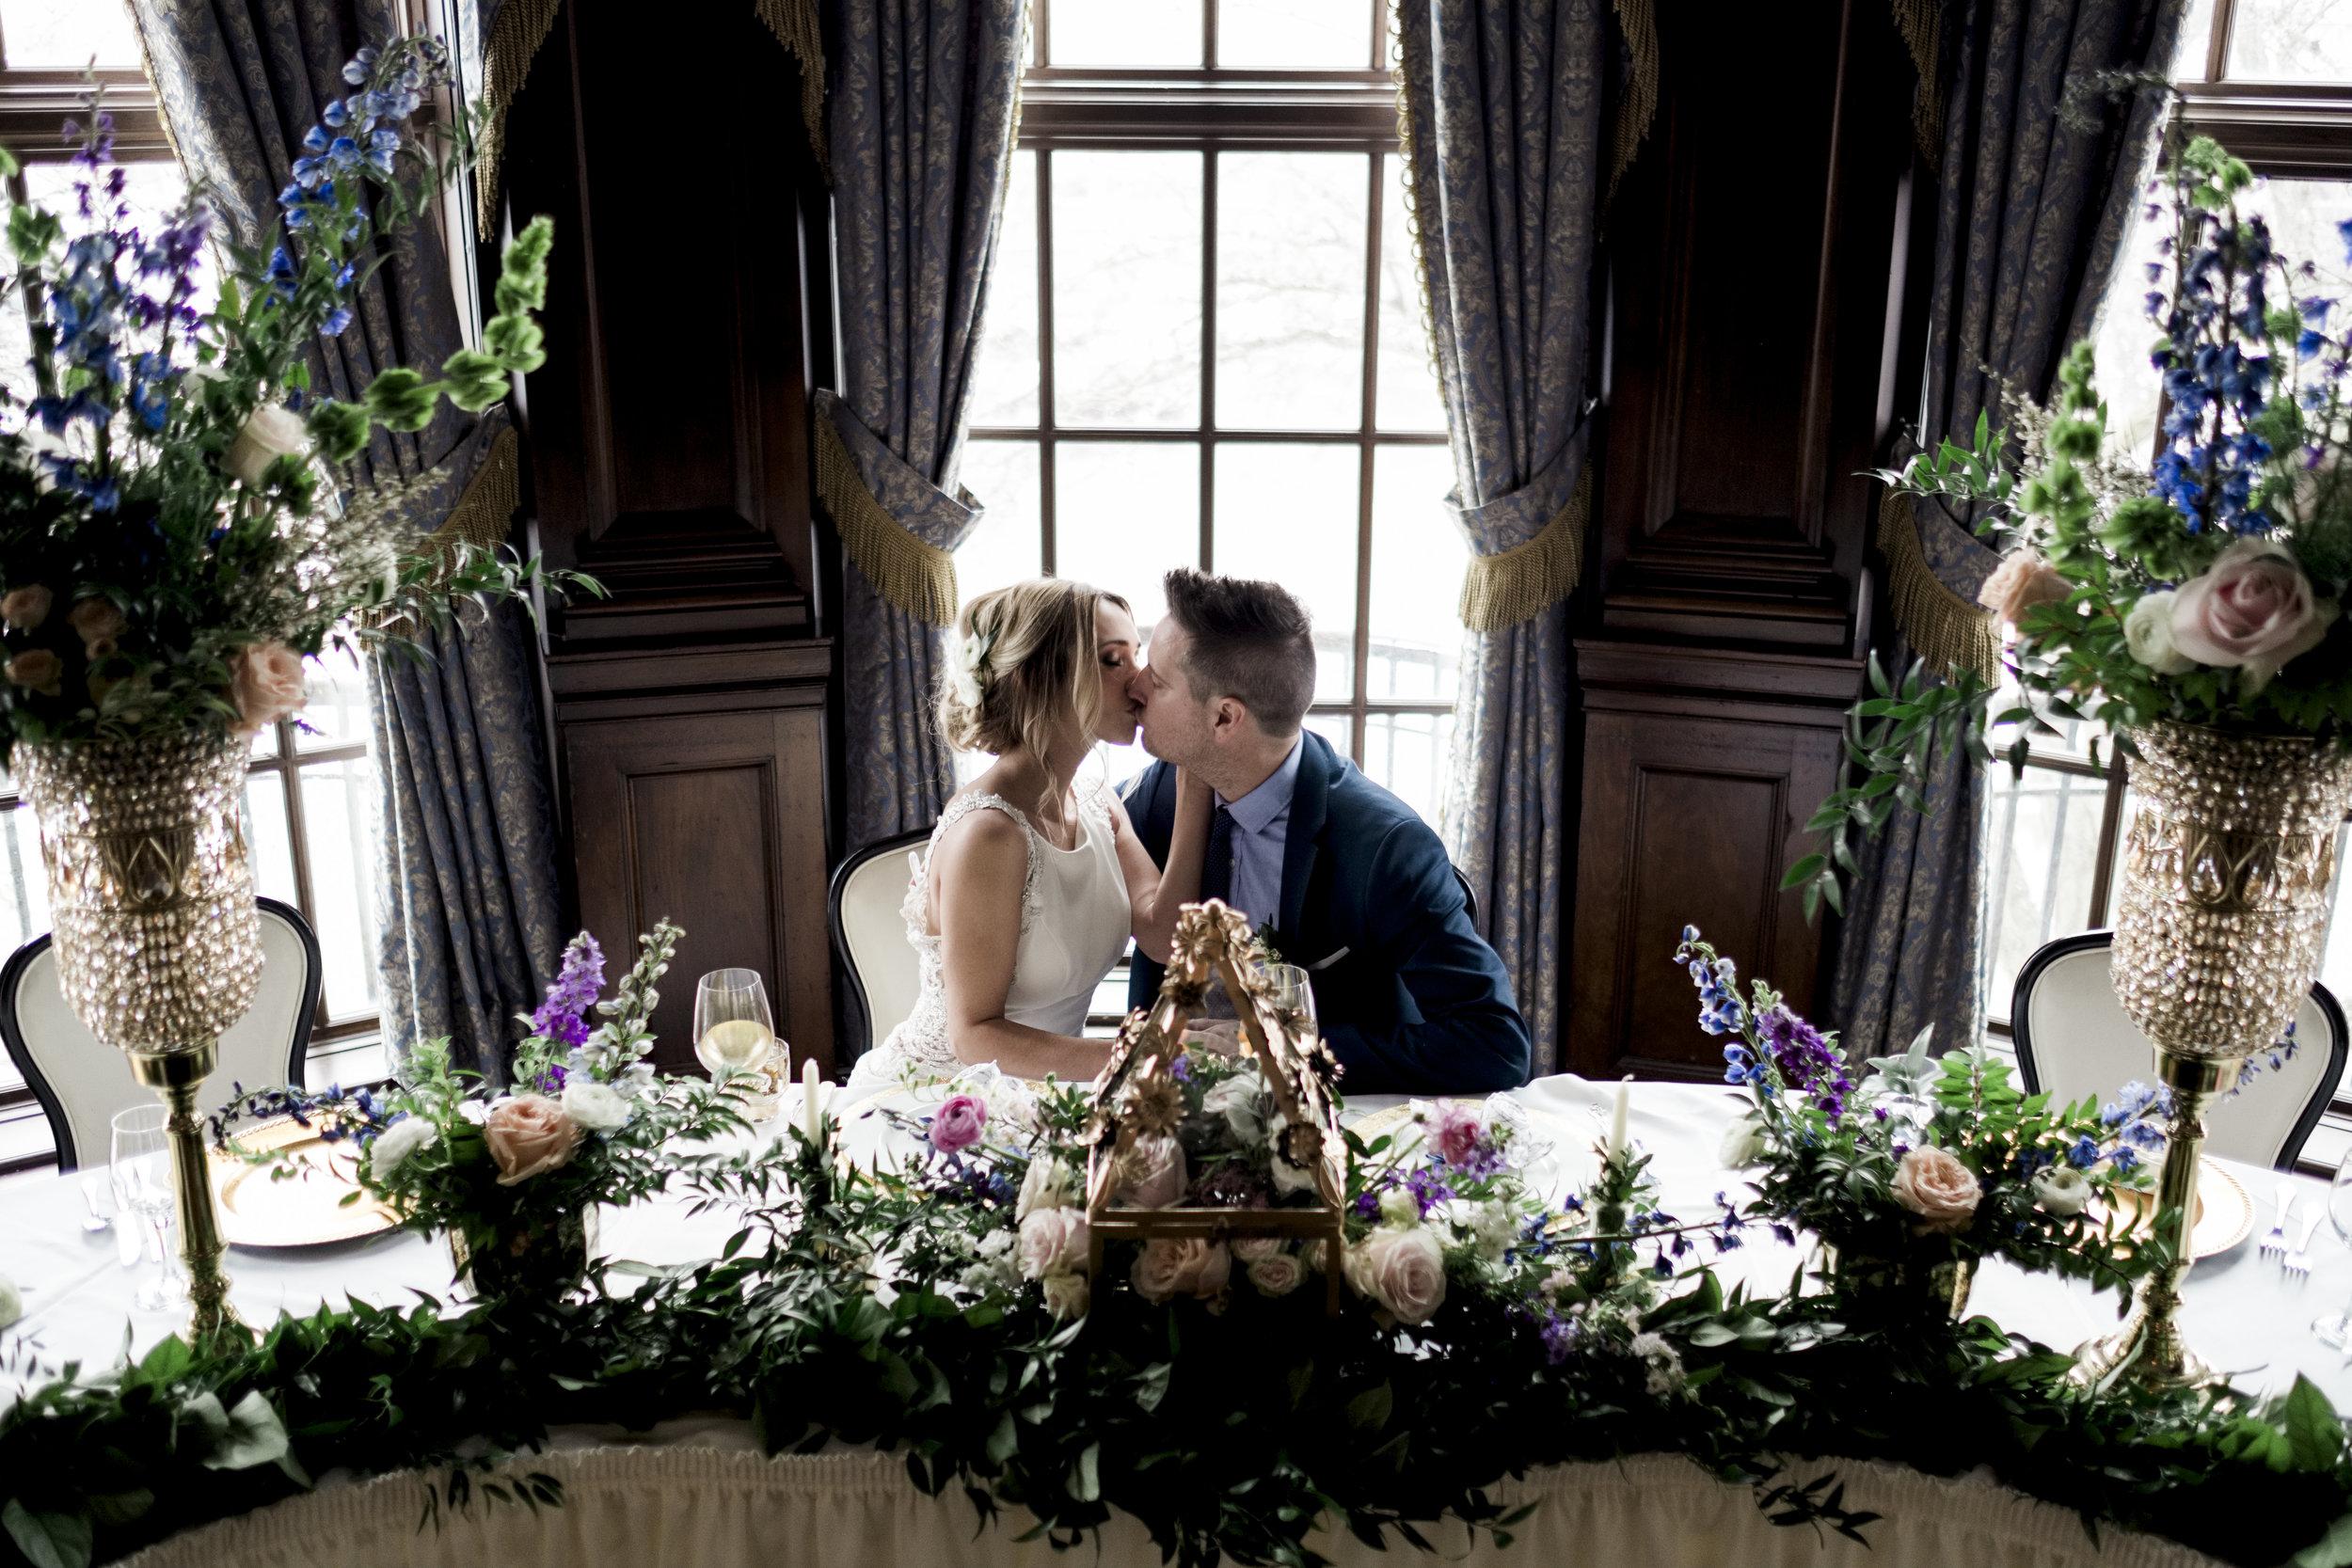 Toledo Wedding Photographers during Styled shoot at Toledo Club